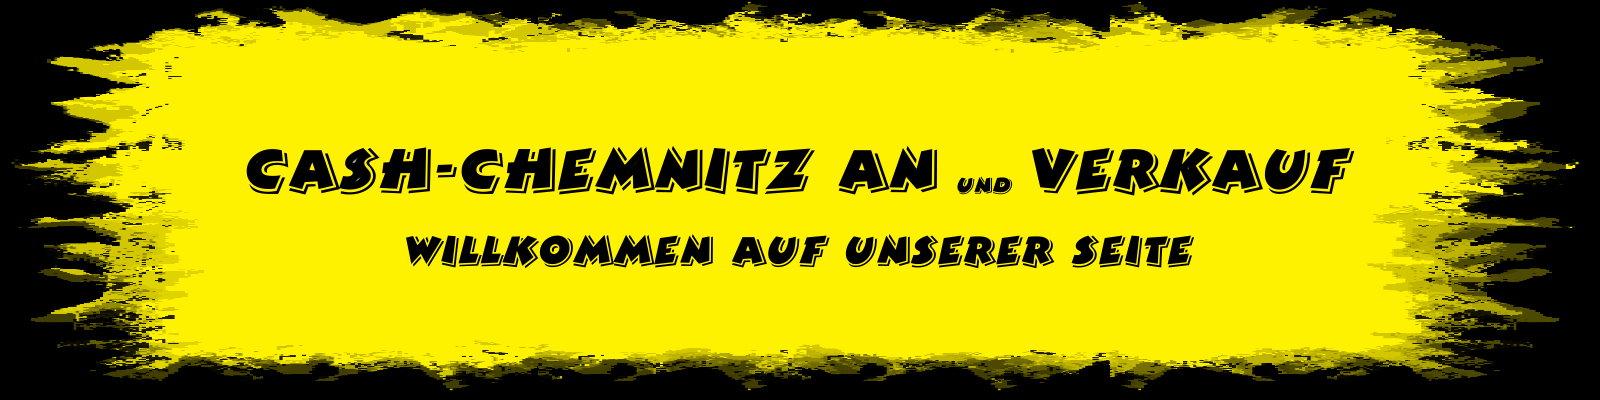 CASH-Chemnitz An und Verkauf